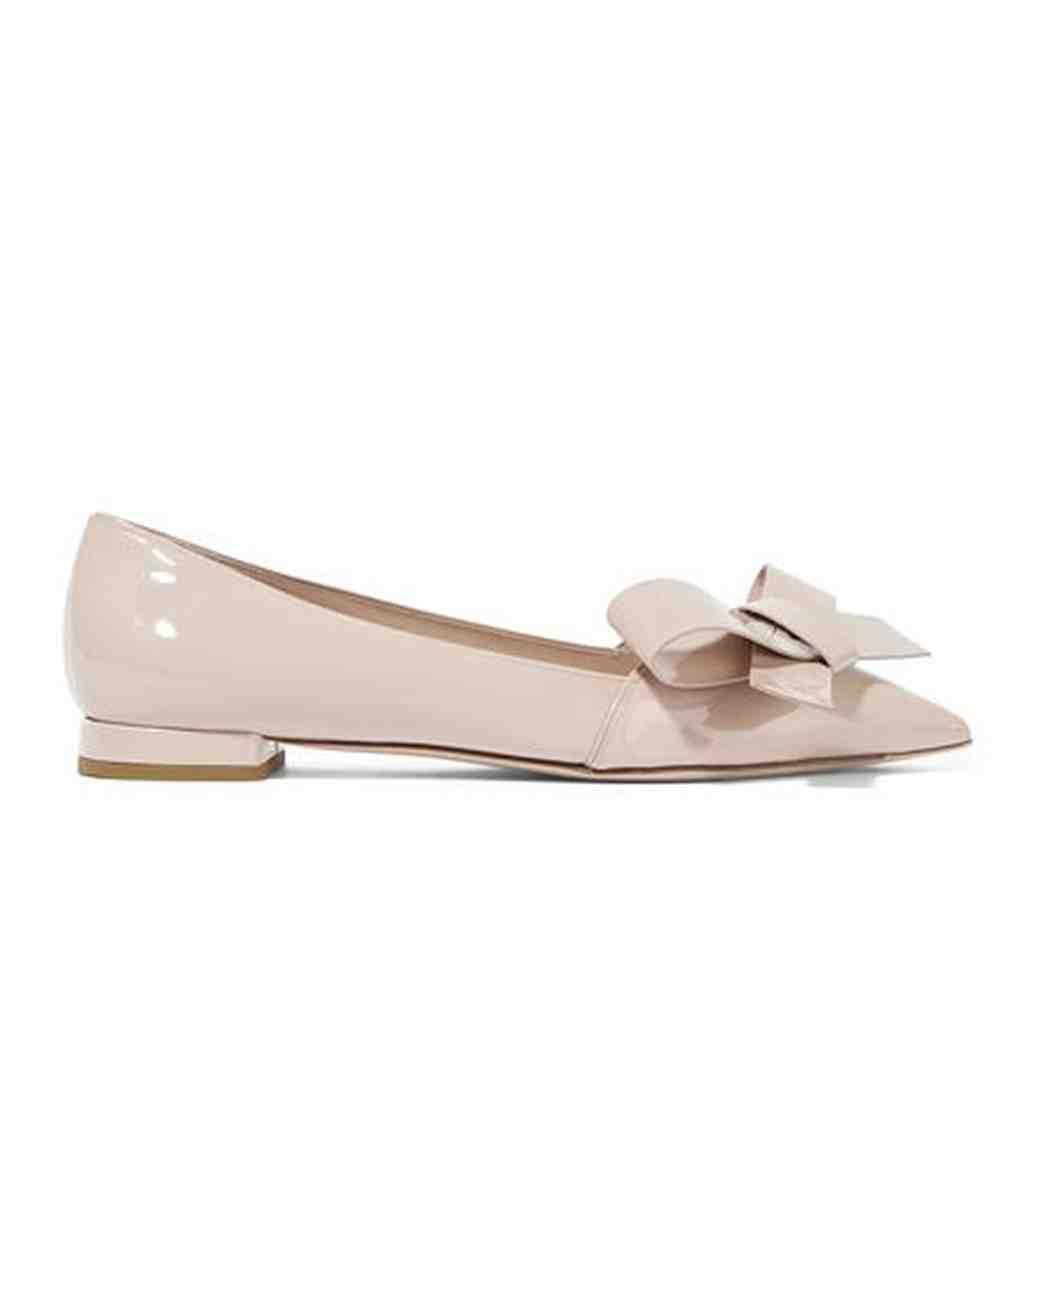 wedding-flats-net-a-porter-tan-shoes-0216.jpg